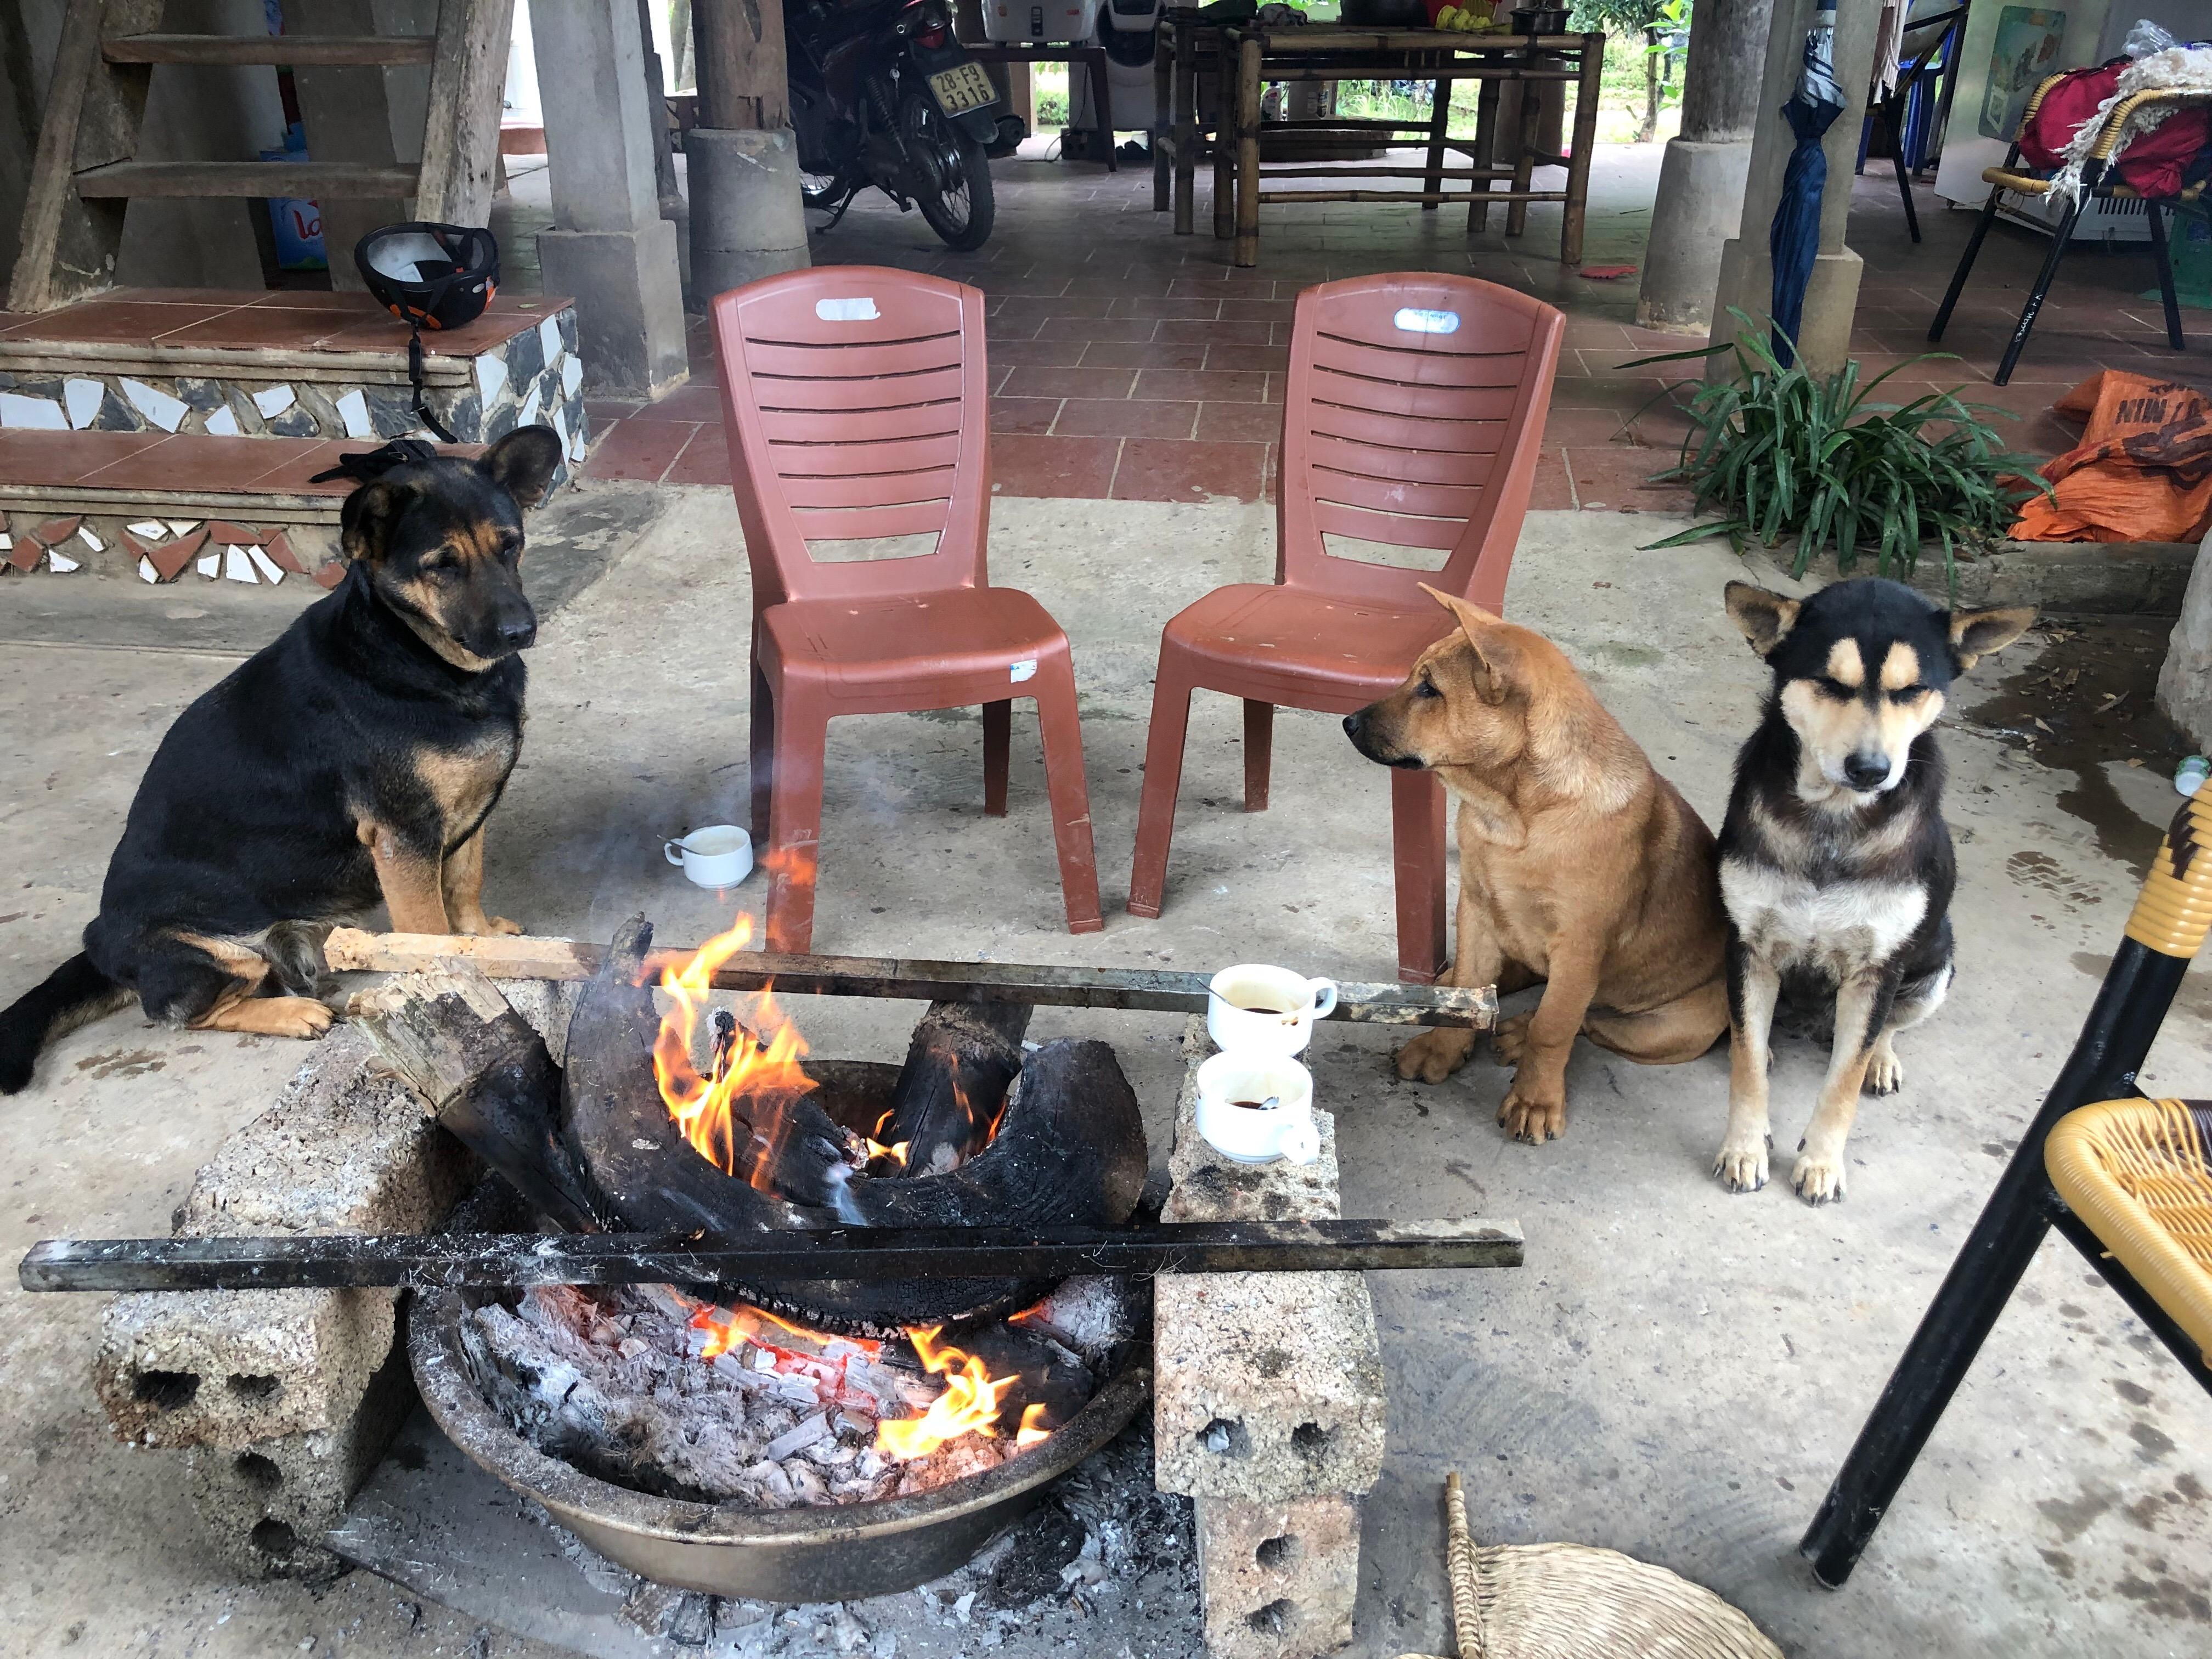 나는 세상에서 개가 가장 무섭다 - 베트남 한 달 ...